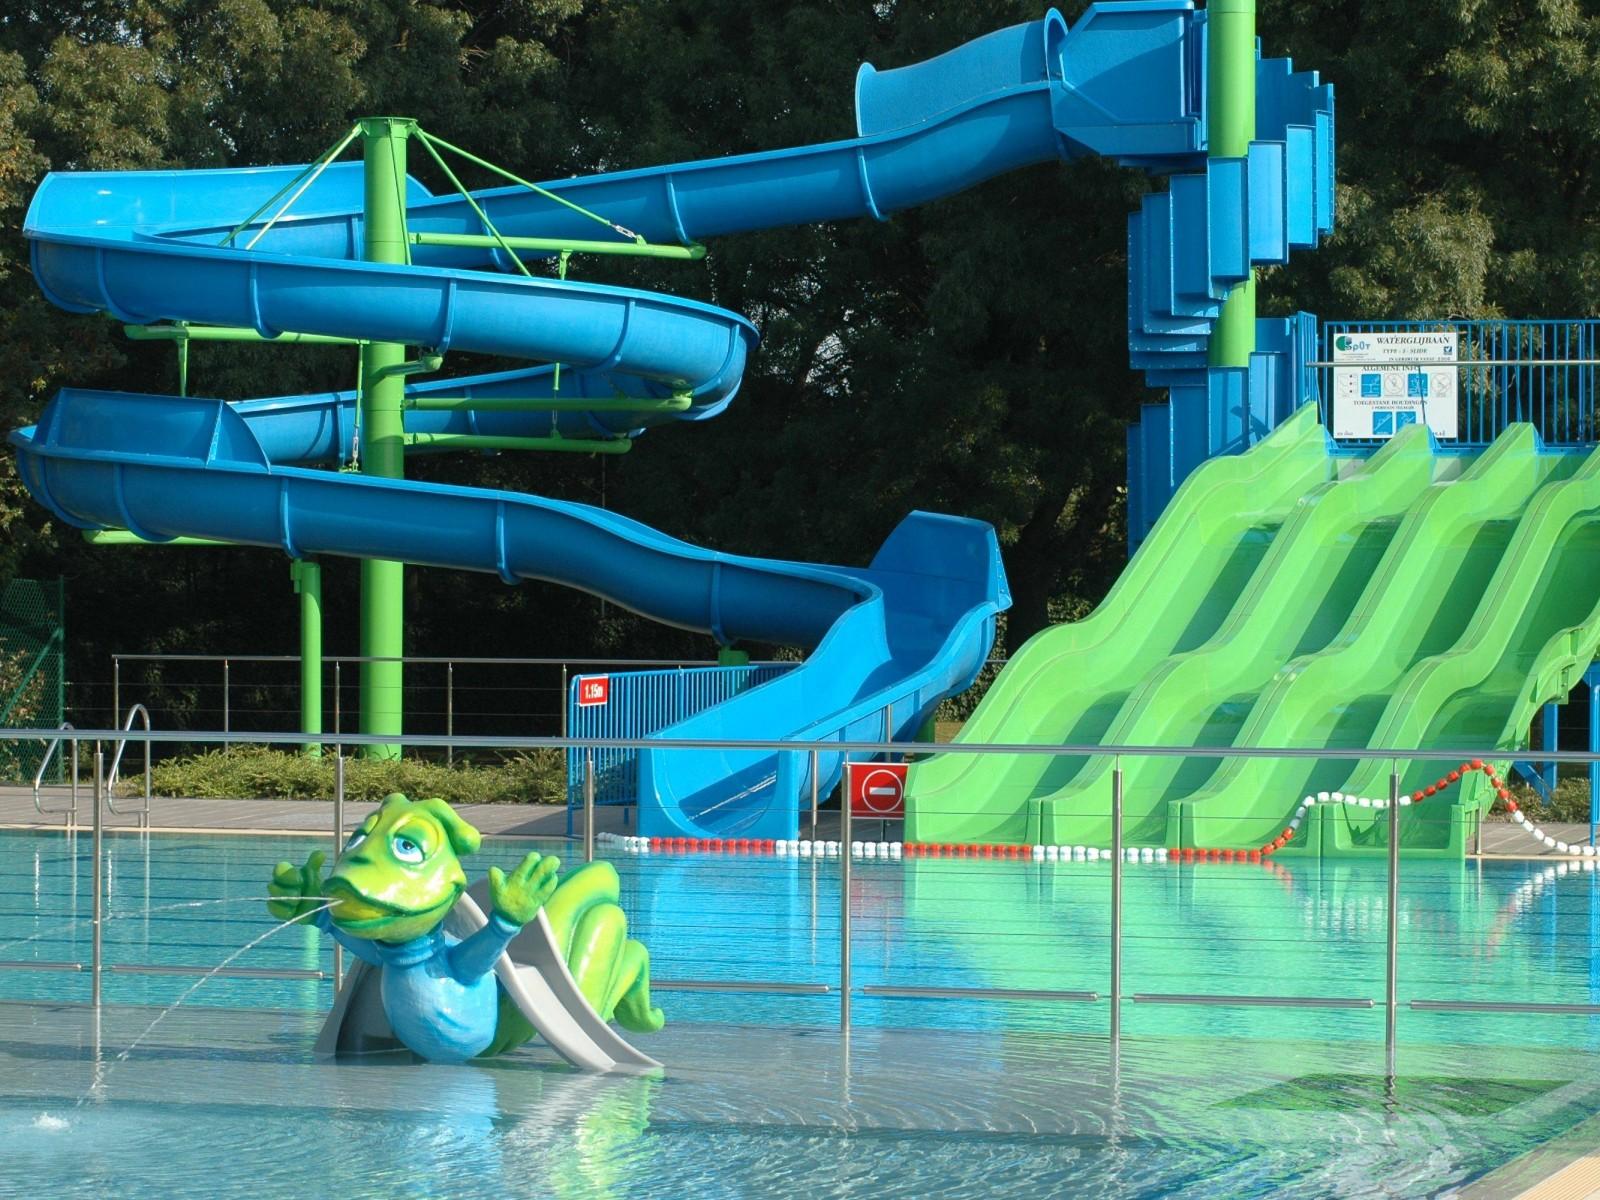 Blokker for Blokker zwembad